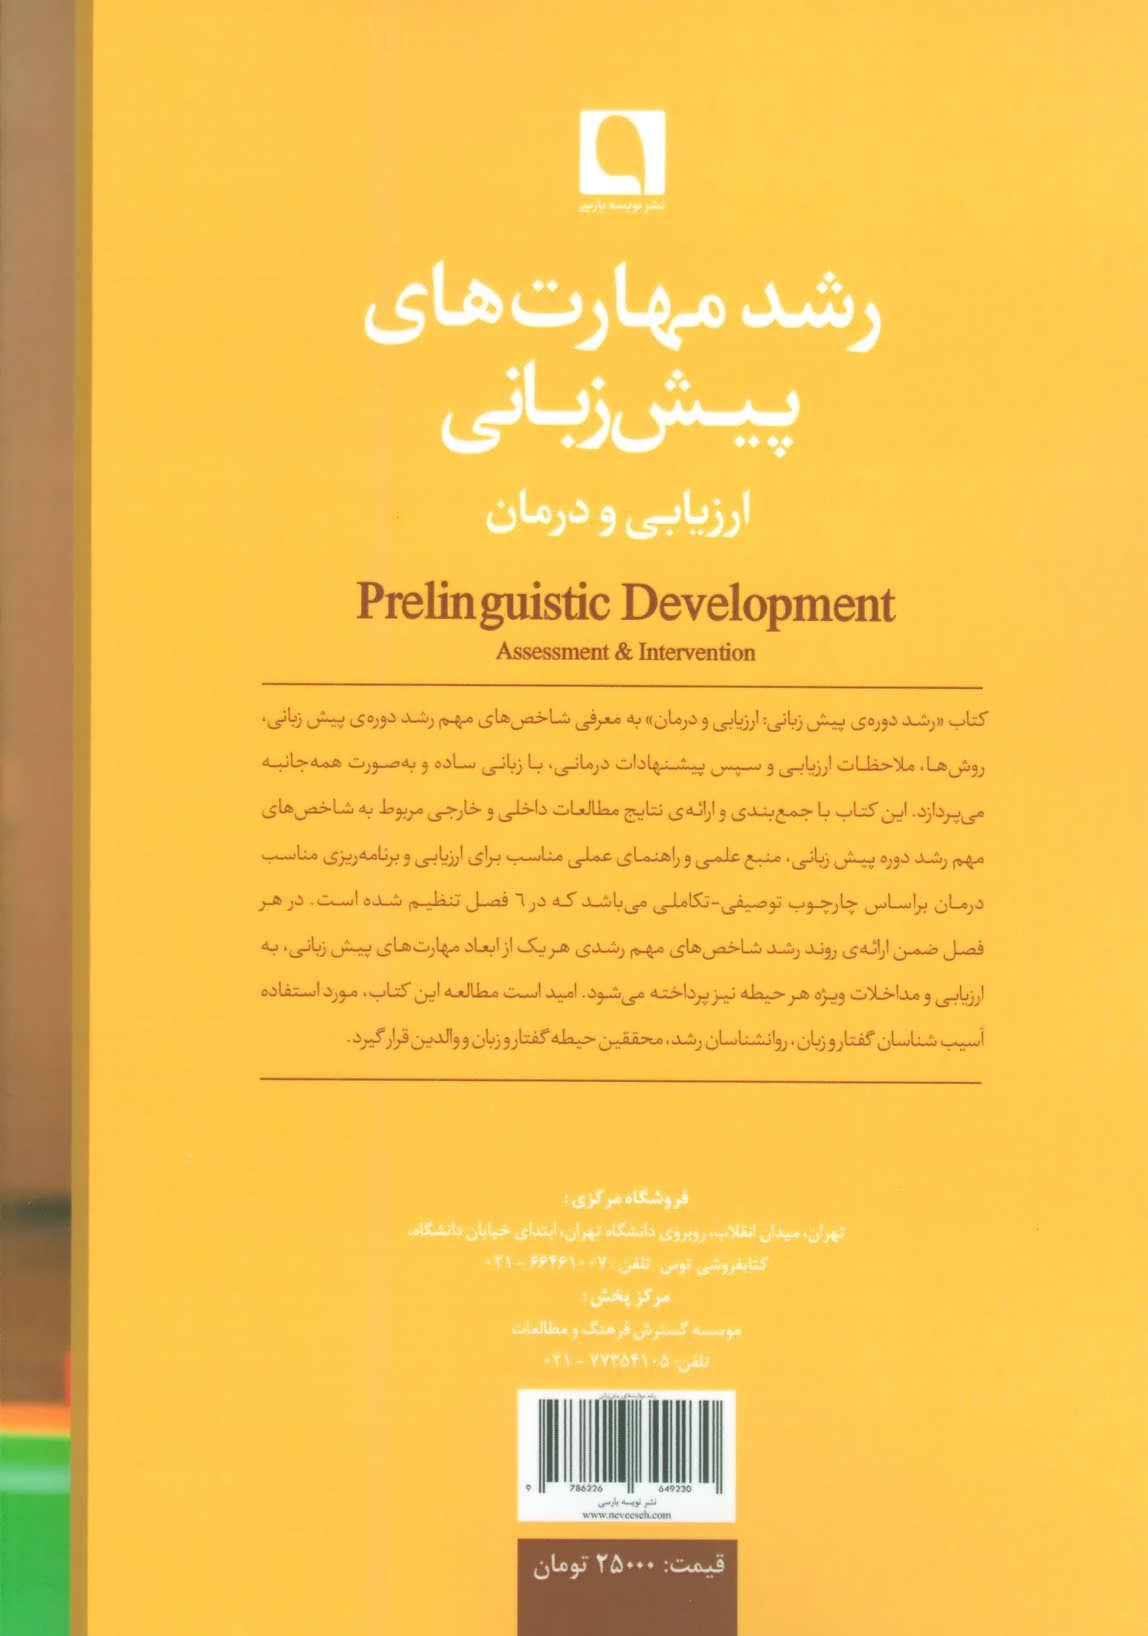 رشد مهارت های پیش زبانی (ارزیابی و درمان)